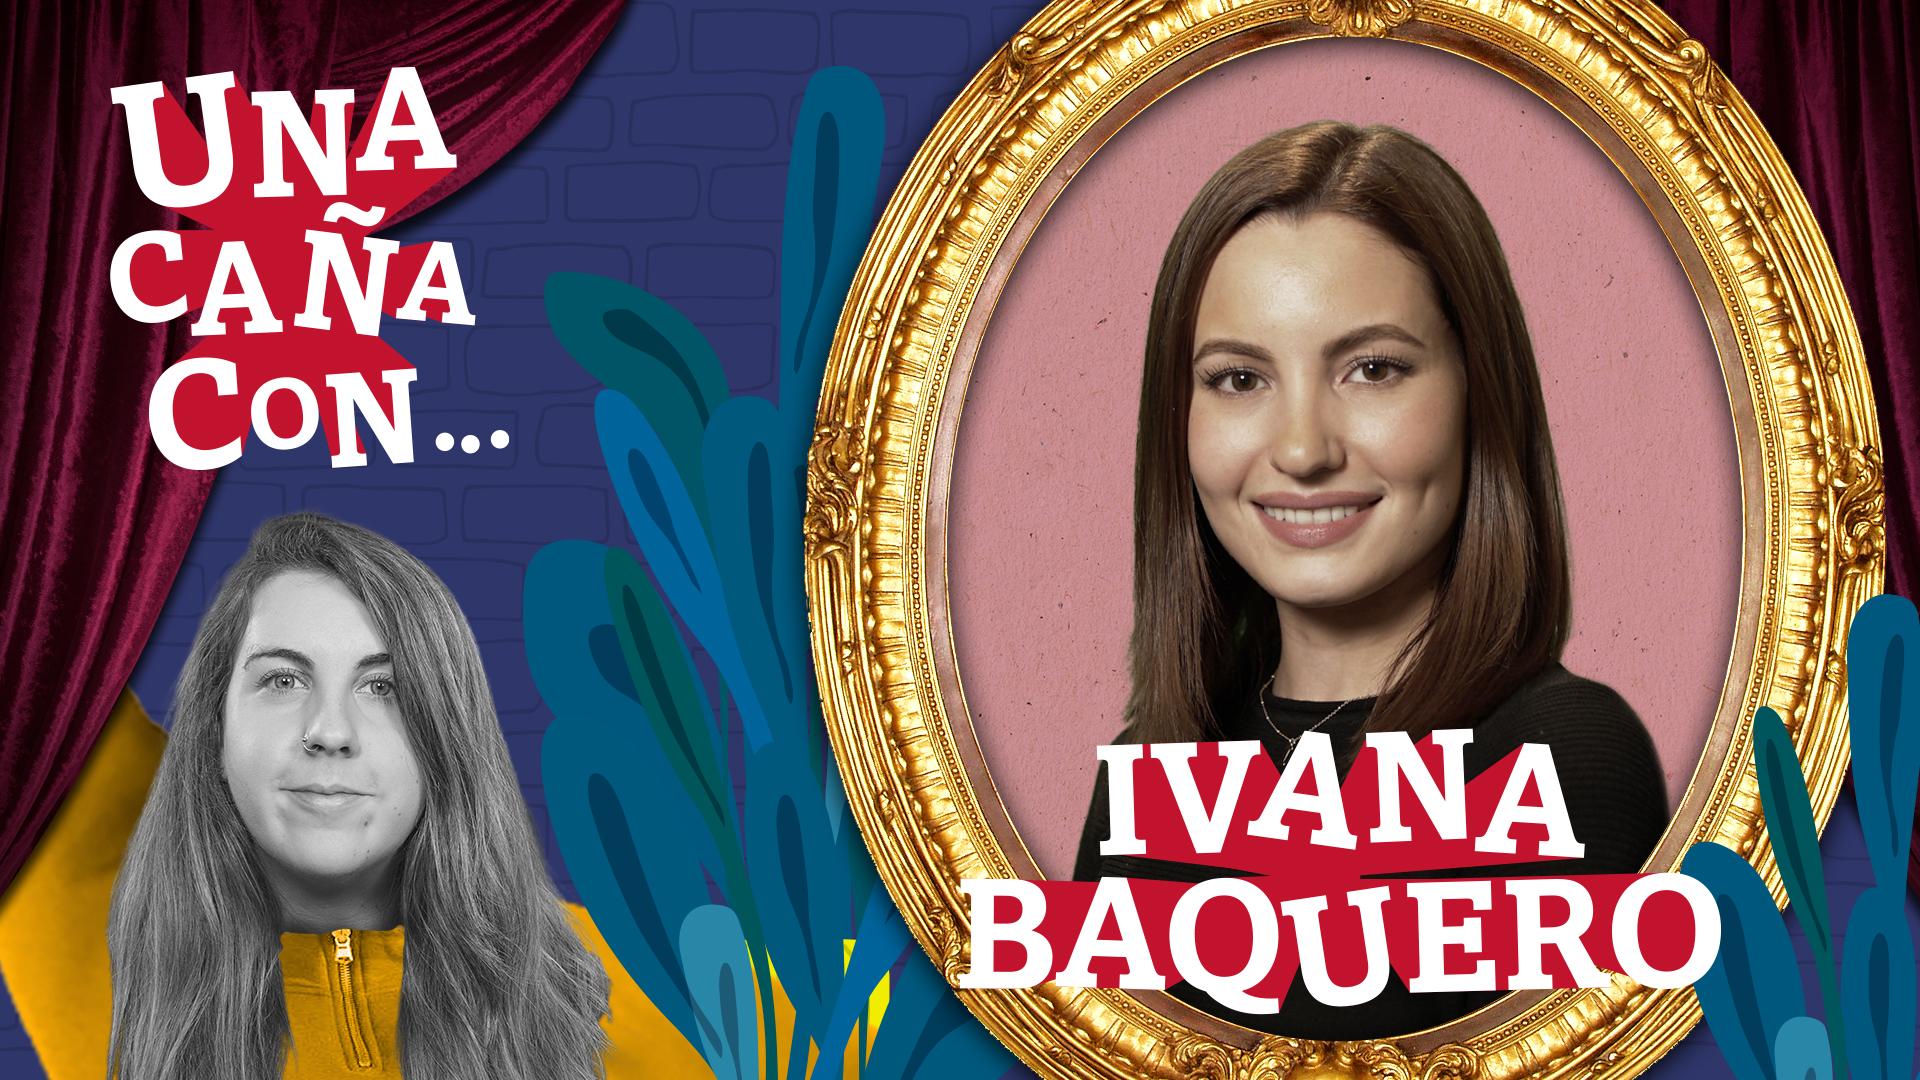 #UnaCañaCon... Ivana Baquero